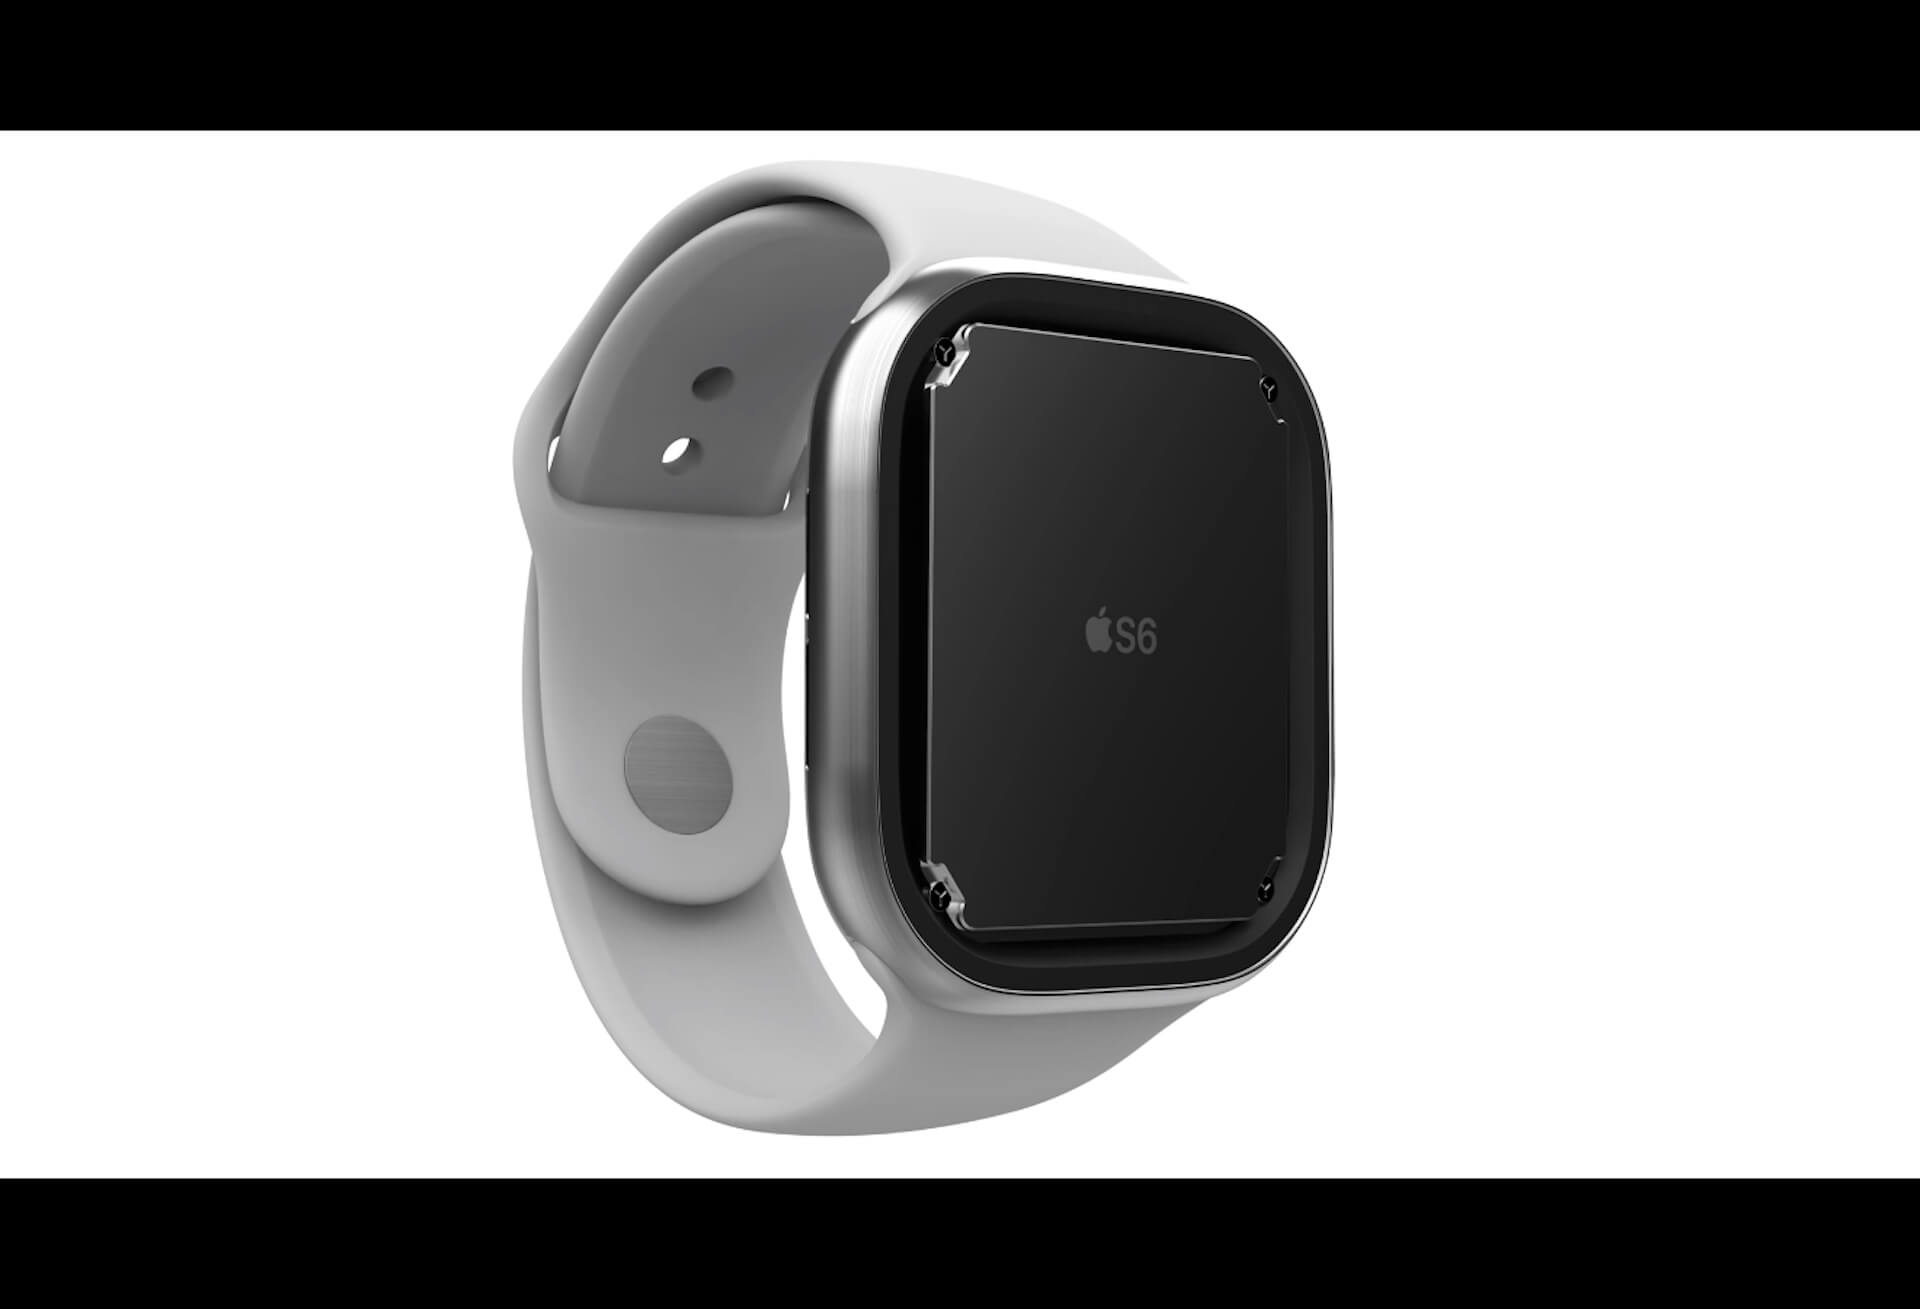 今年秋に登場とうわさのApple Watch Series 6にはストレス検知機能も追加? tech200414_applewatch_main